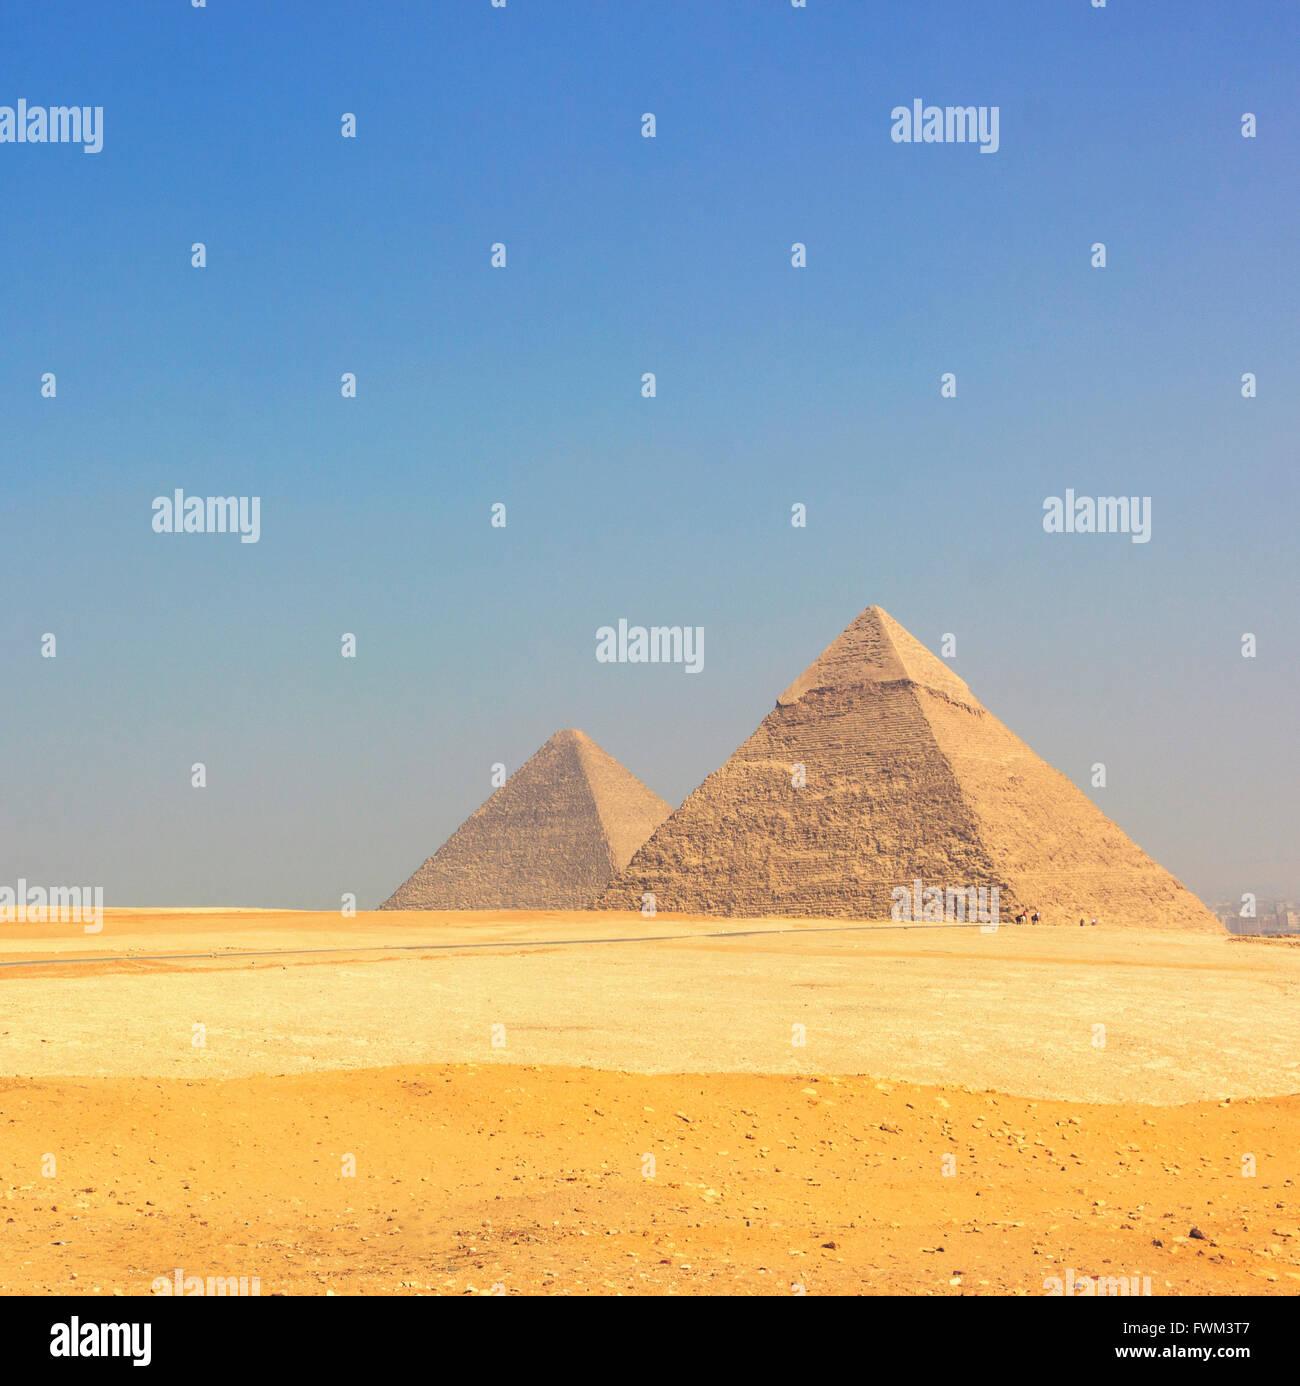 Vista panorámica de las pirámides de Giza contra el cielo claro Imagen De Stock